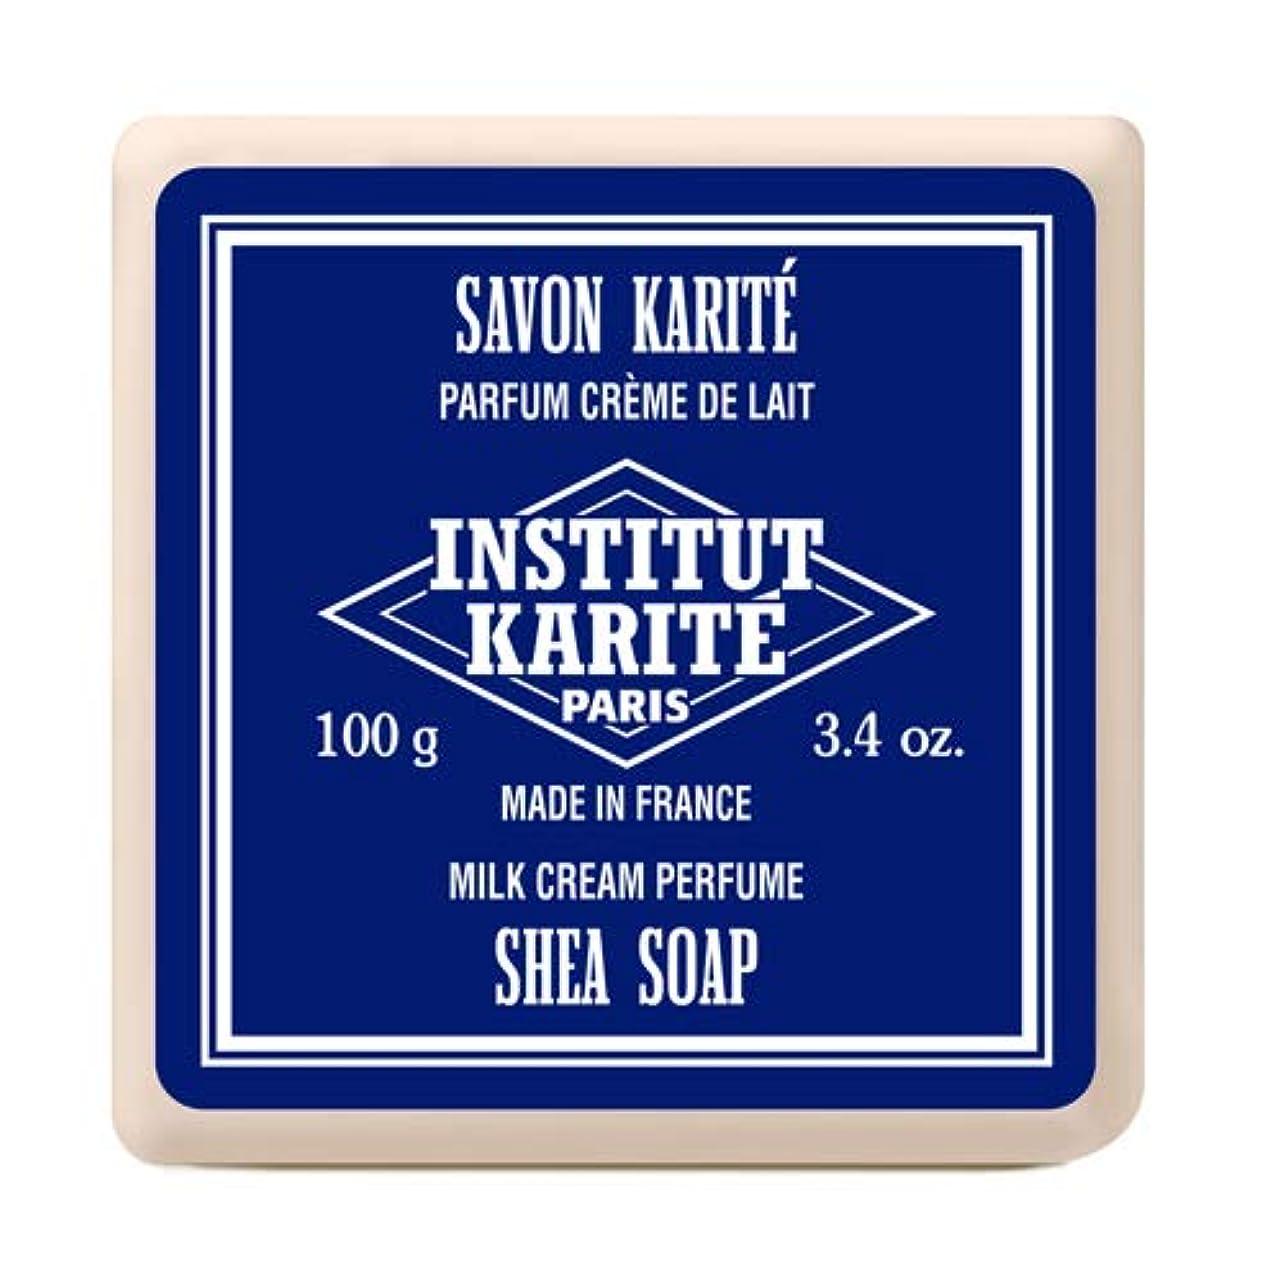 生命体五月ダイエットINSTITUT KARITE インスティテュート カリテ Shea Wrapped Soap シアソープ 100g Milk Cream ミルククリーム